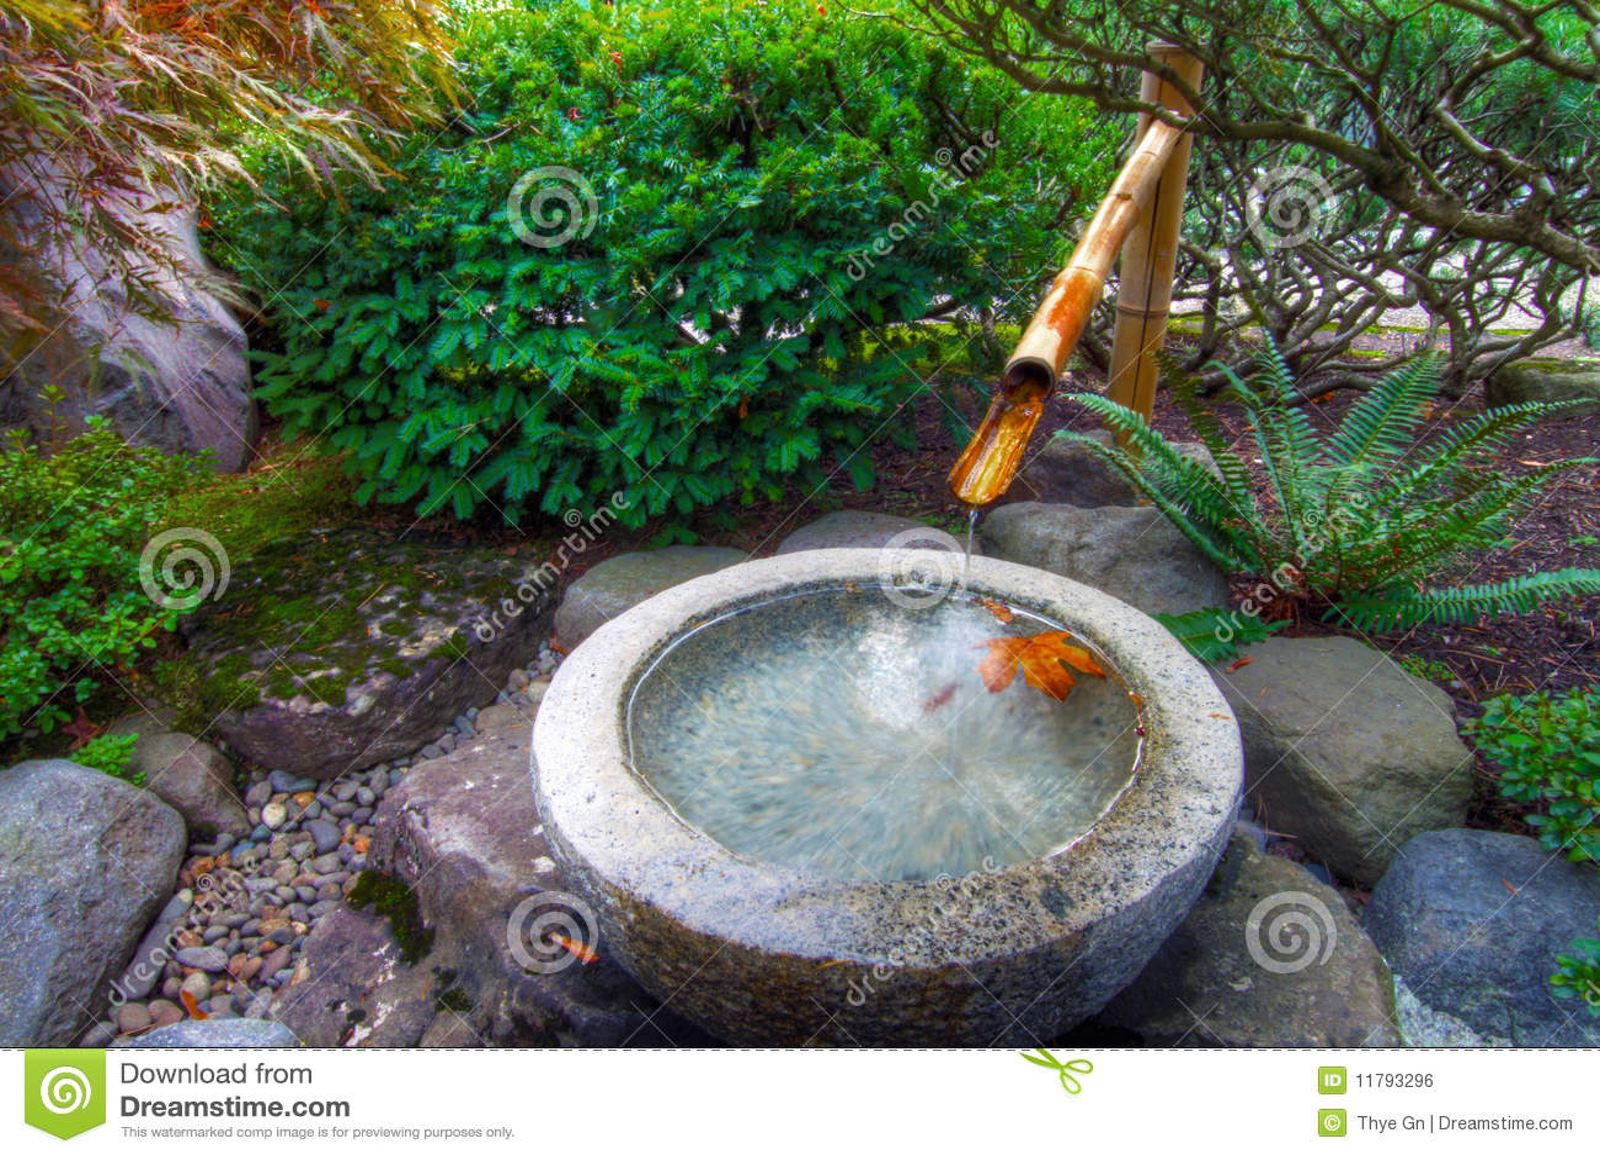 Fuente De Agua De Bambú En Jardín Japonés Imagen de ...